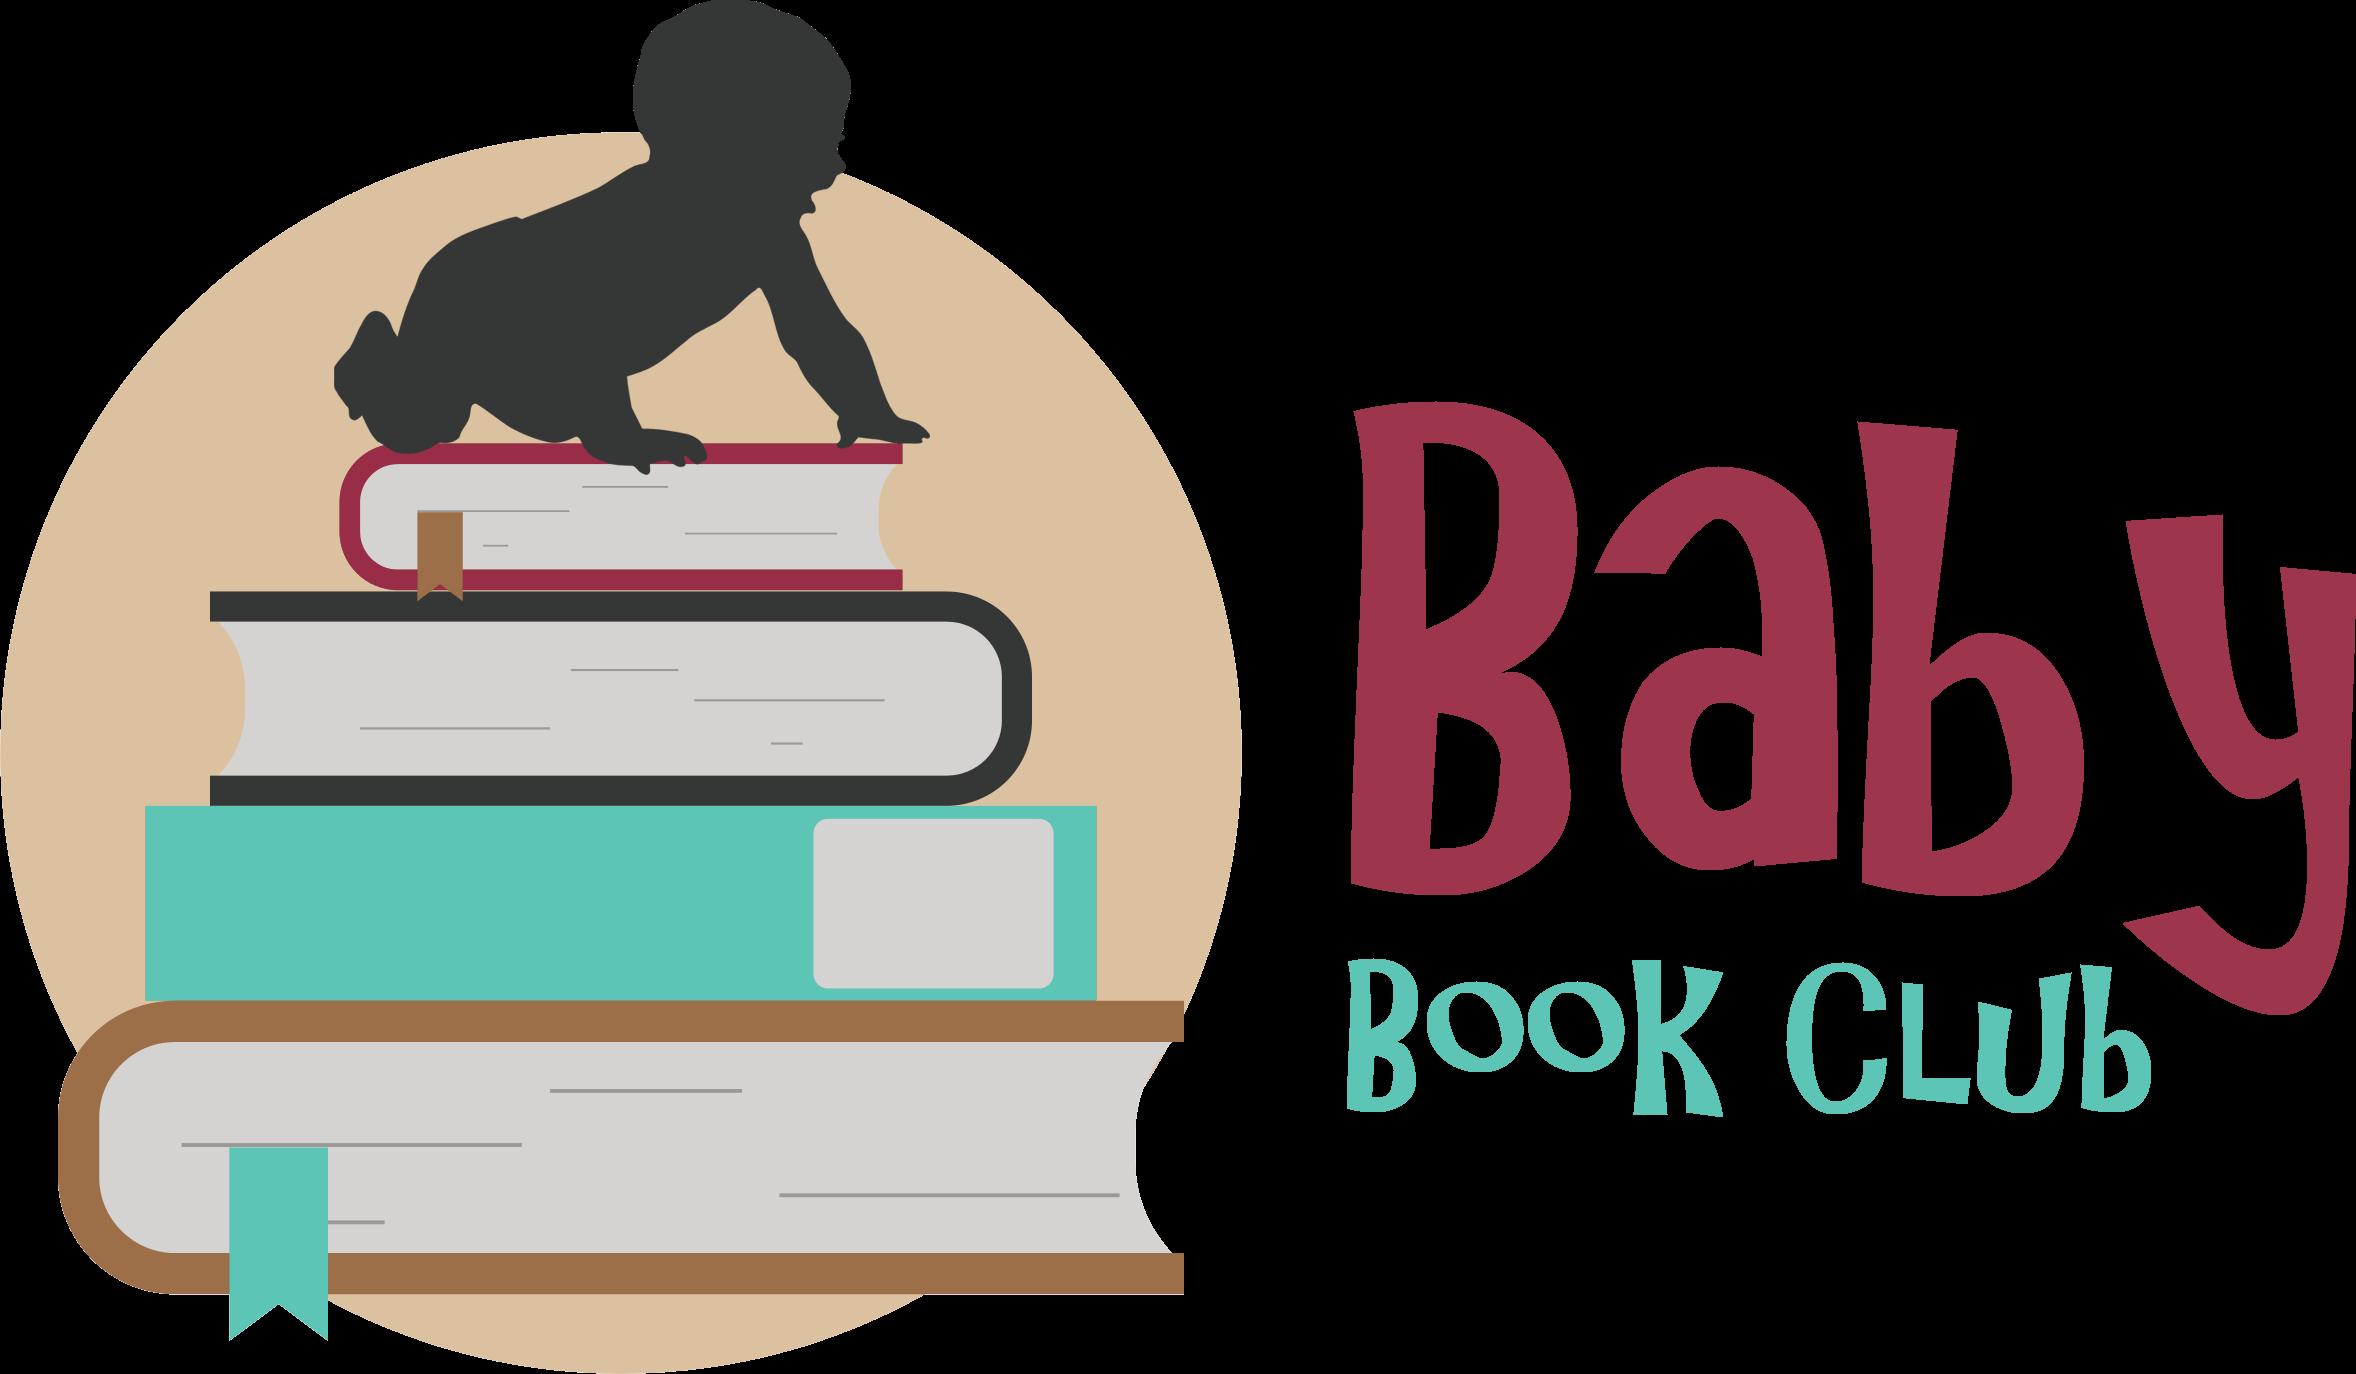 Baby . Club clipart book club